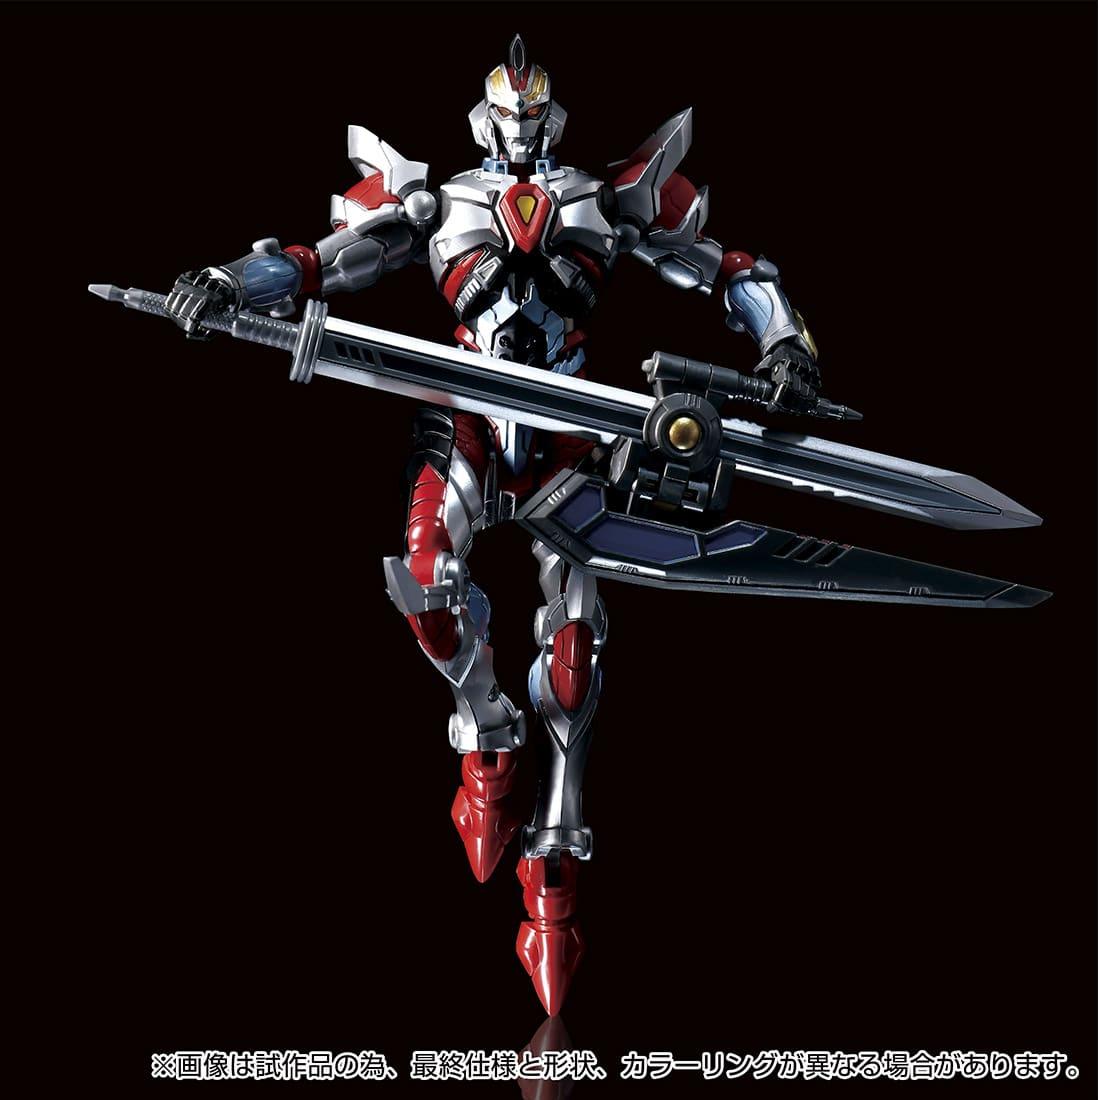 ダイアクロン / グリッドマンユニバース 02『ダイアクロンVS.グリッドマン Ver』可動フィギュア-002